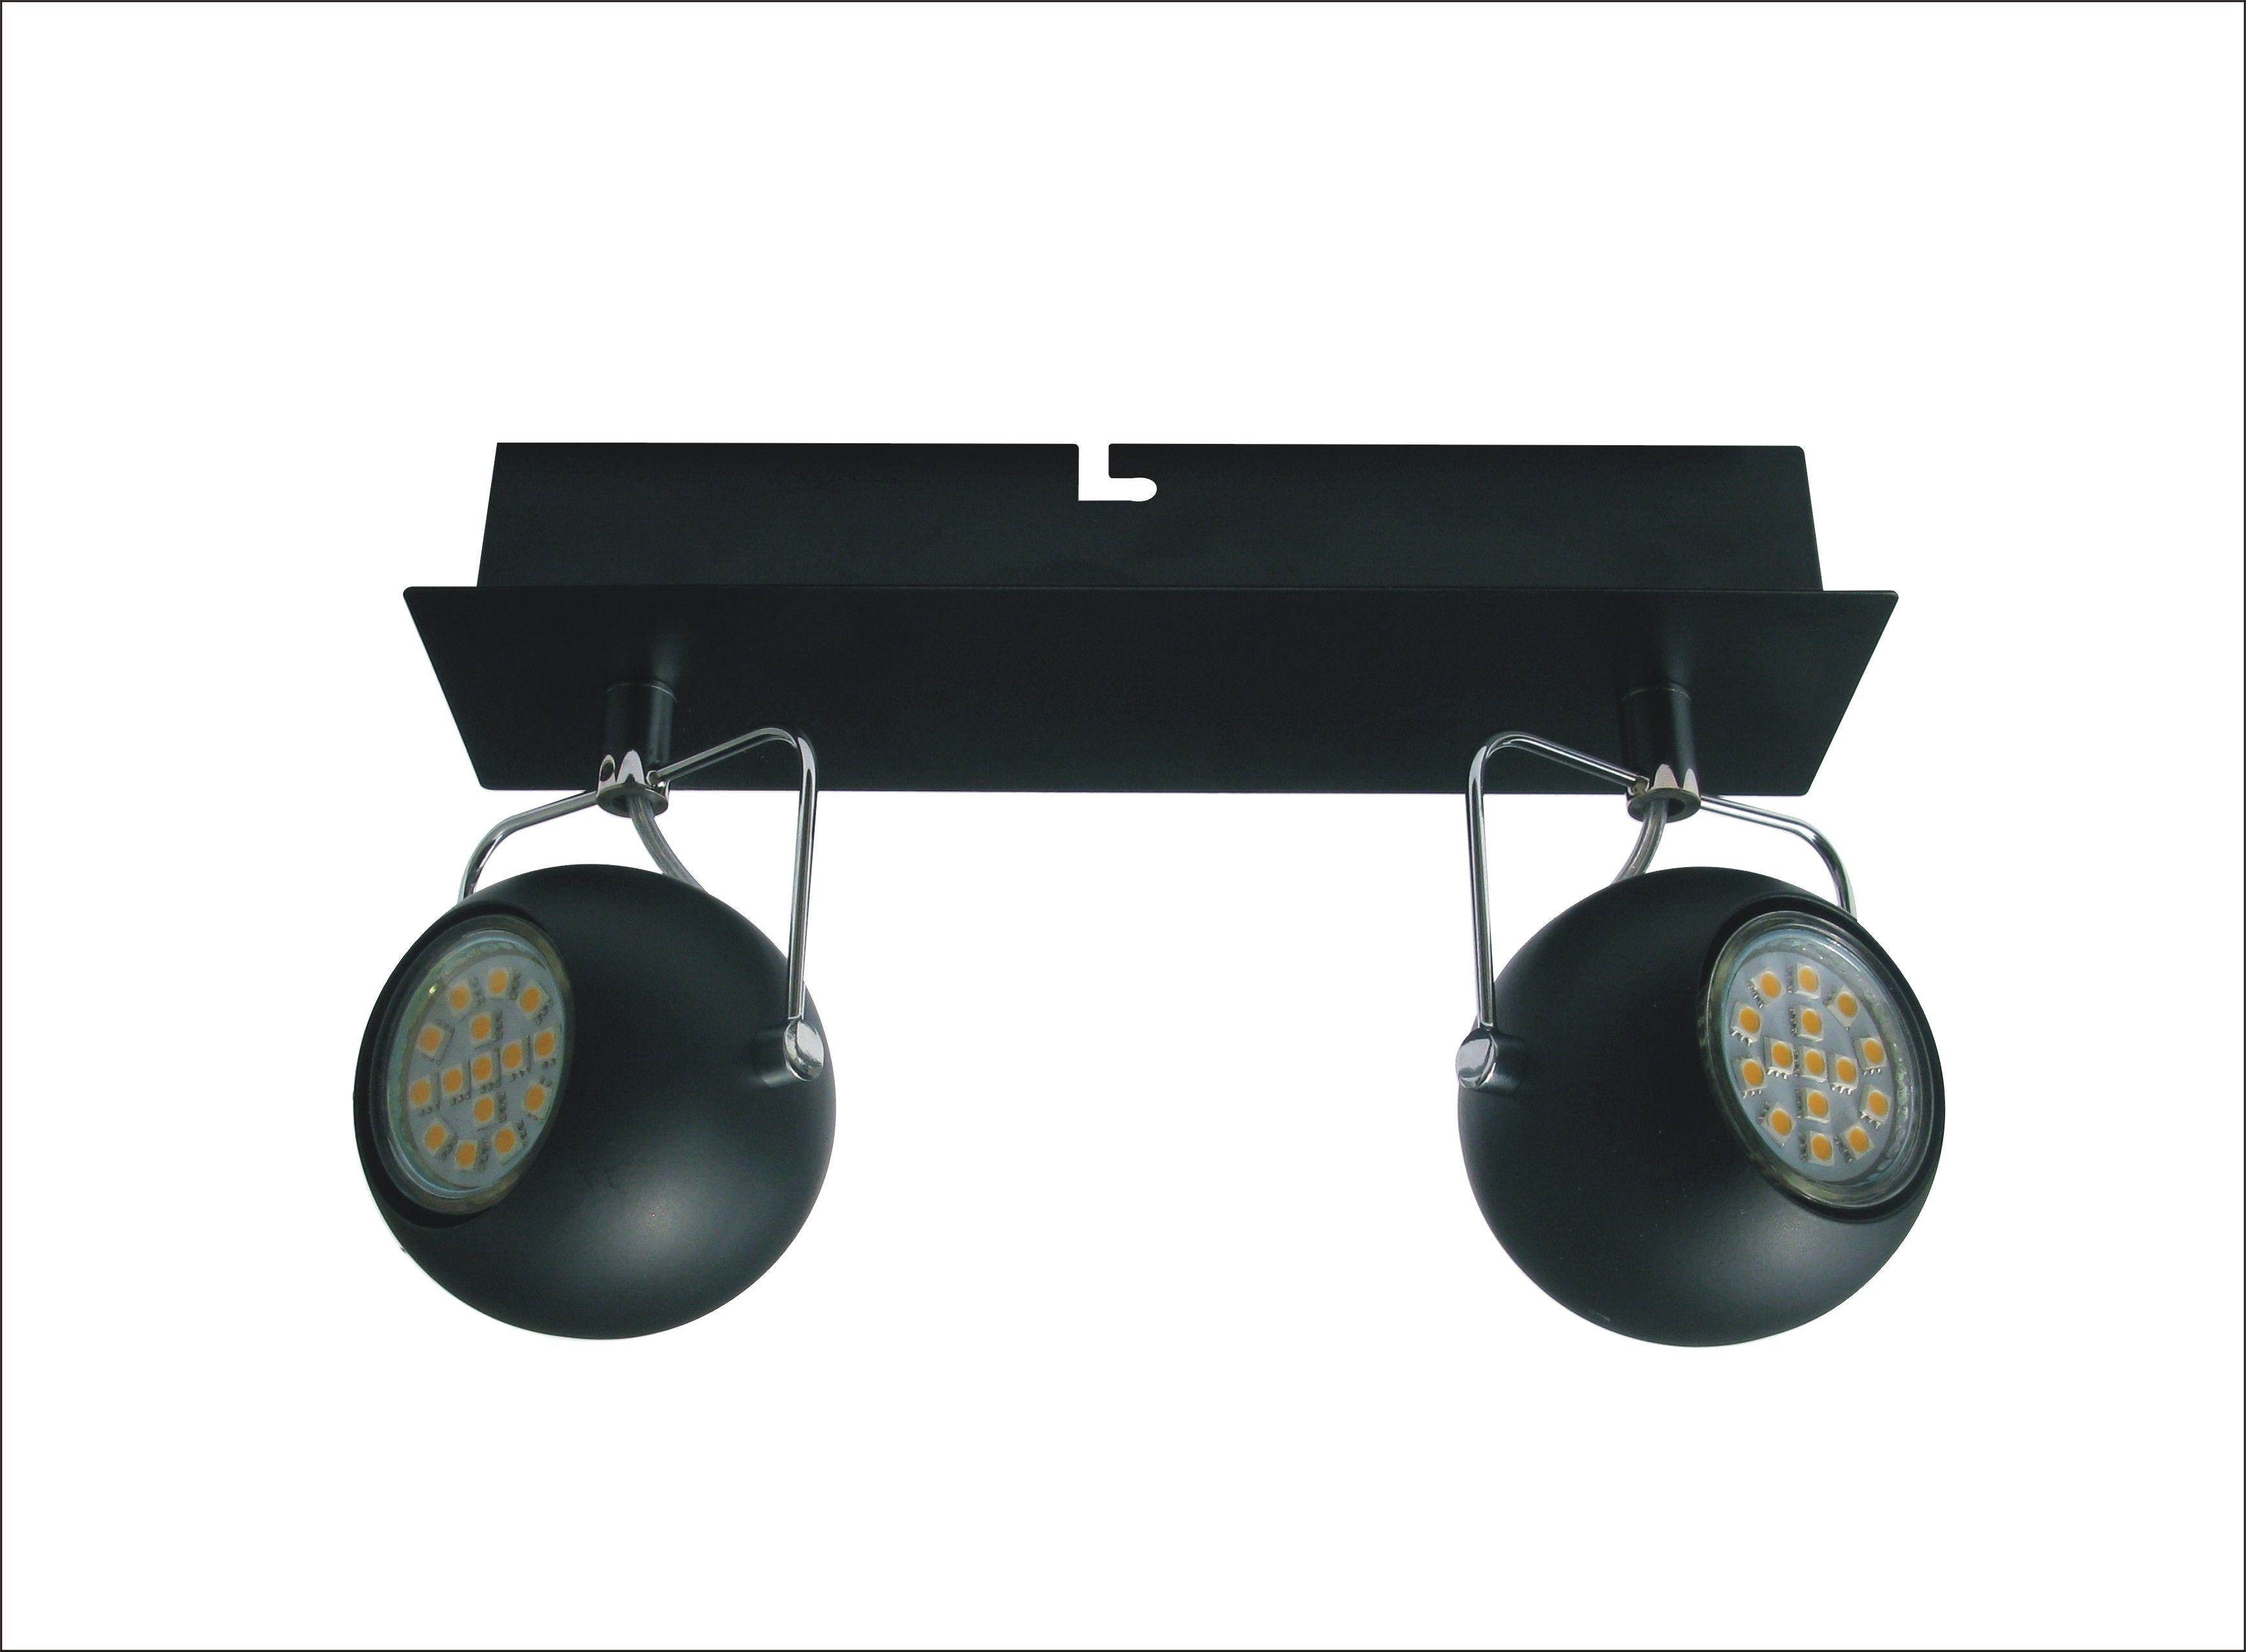 Candellux TONY 92-25012 oprawa oświetleniowa czarny mat metalowy klosz 2X3W LED GU10 25cm